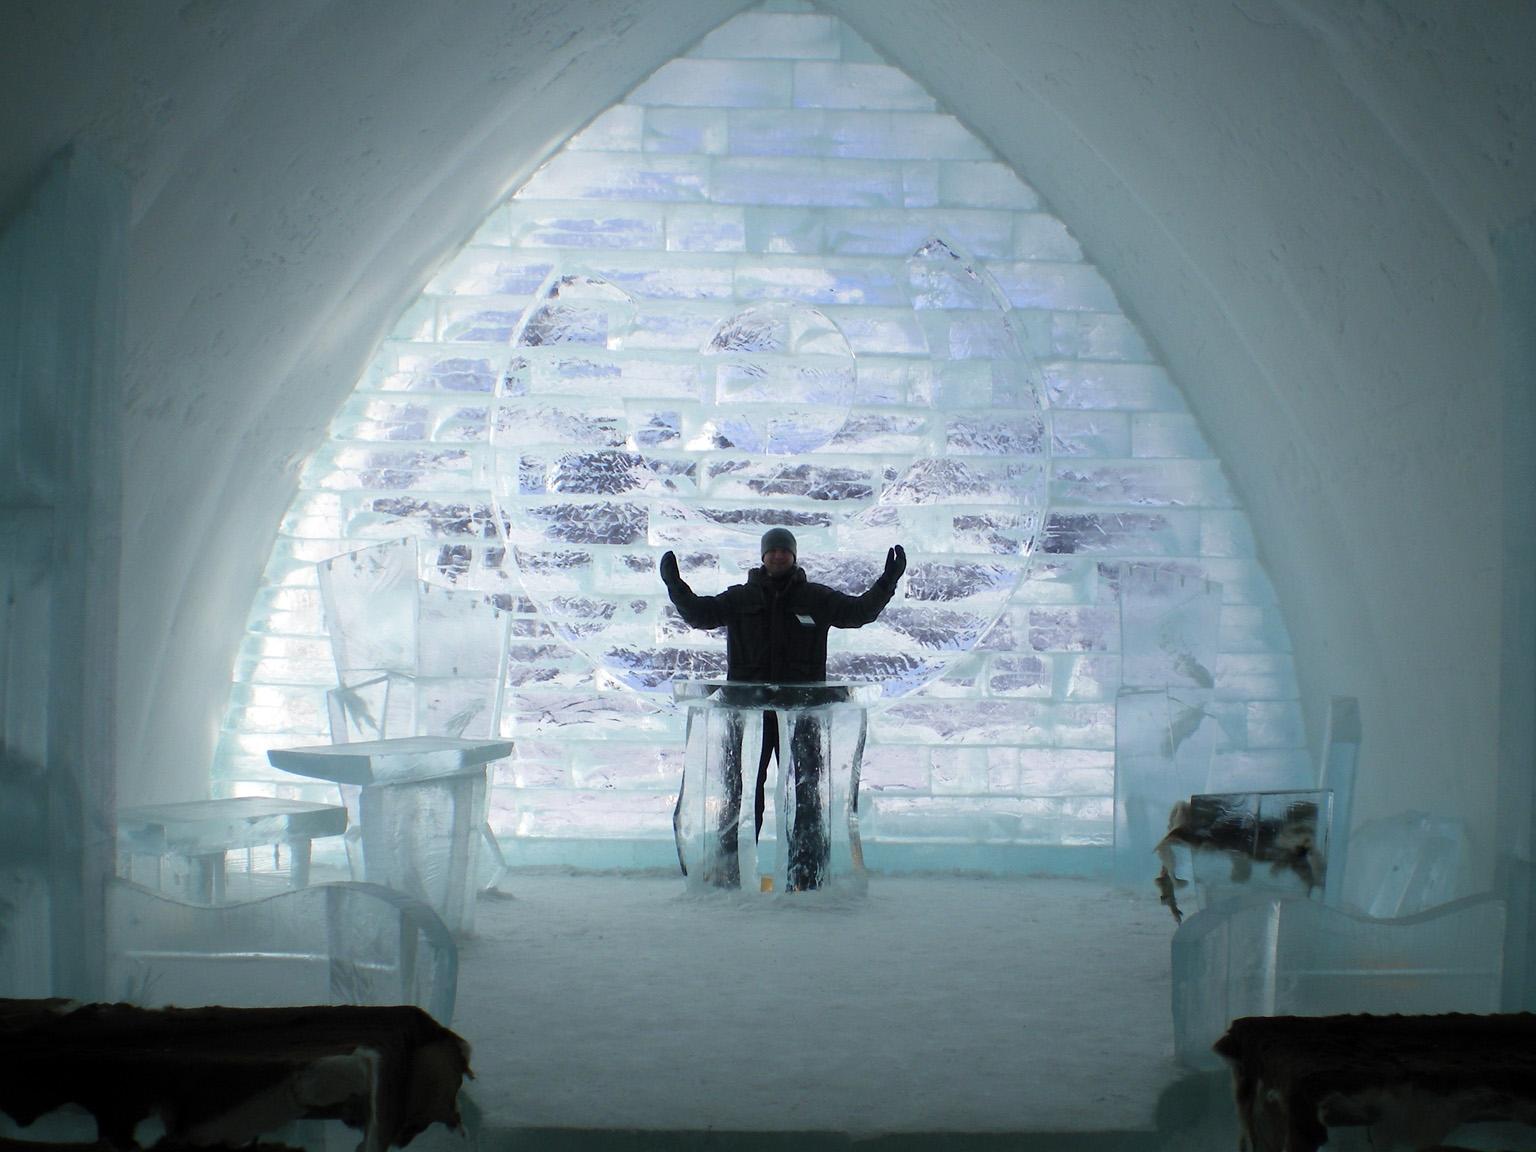 Eglise_de_glace